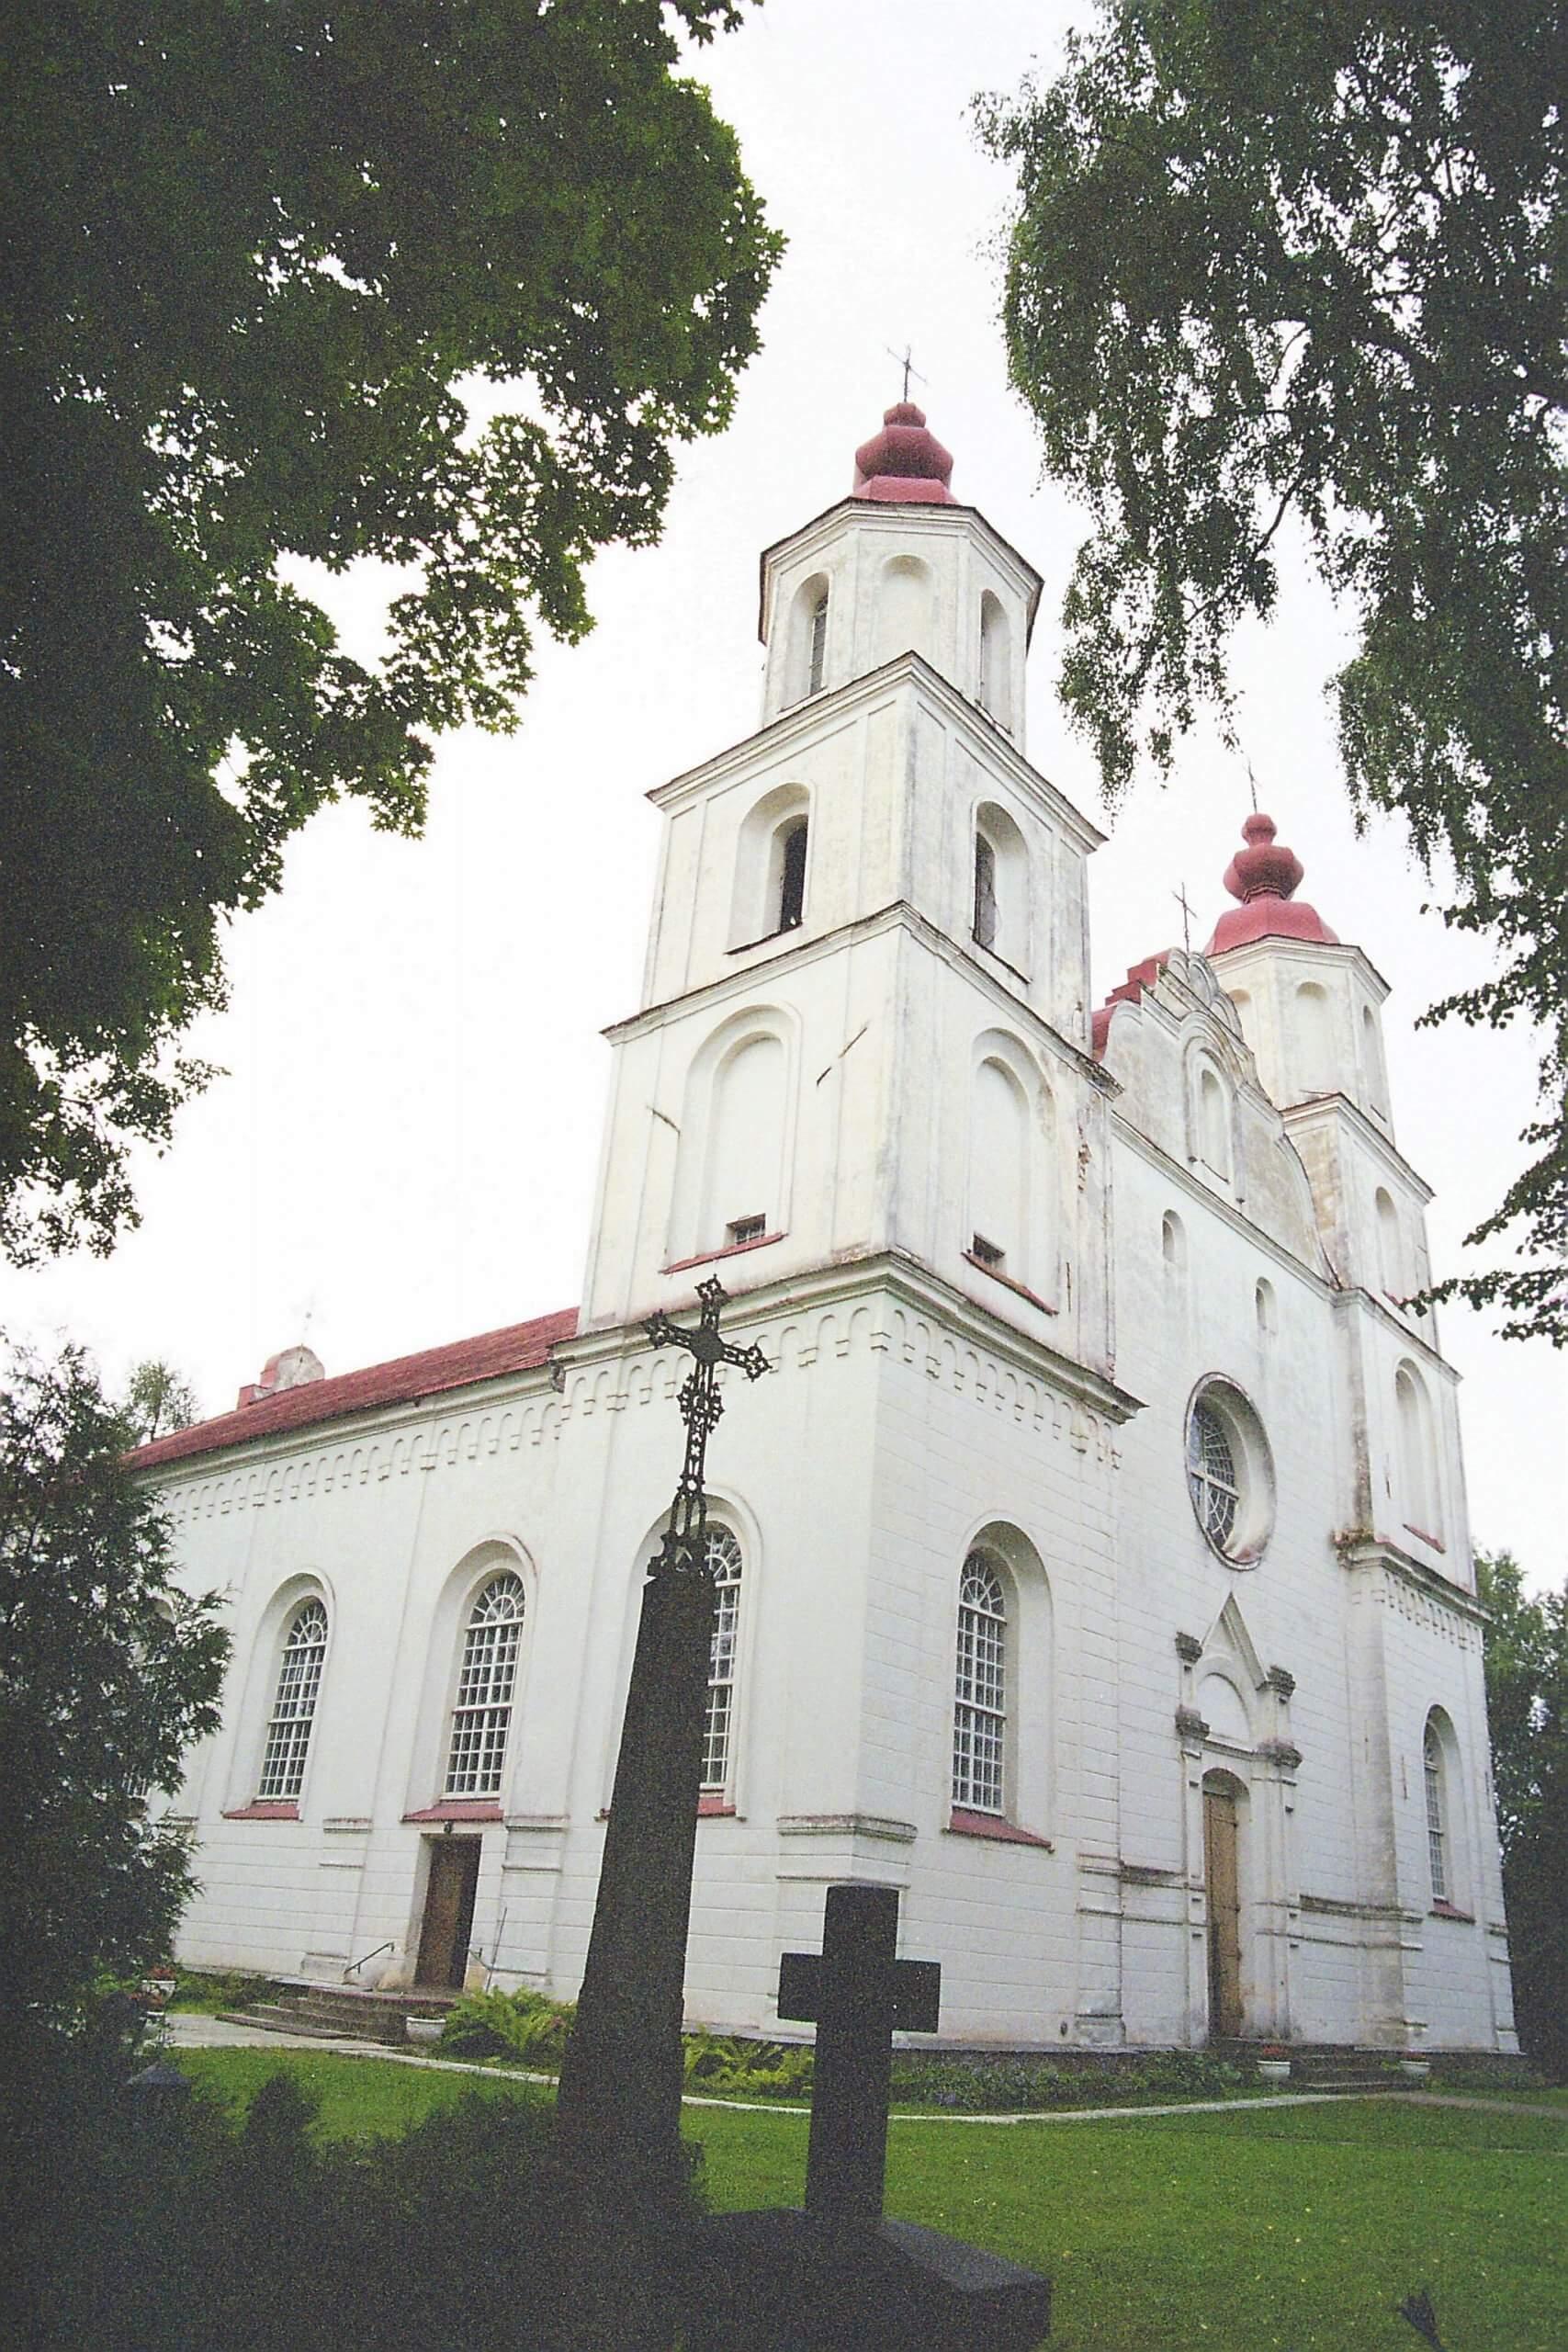 Zarasų Švč. Mergelės Marijos Ėmimo į dangų bažnyčia